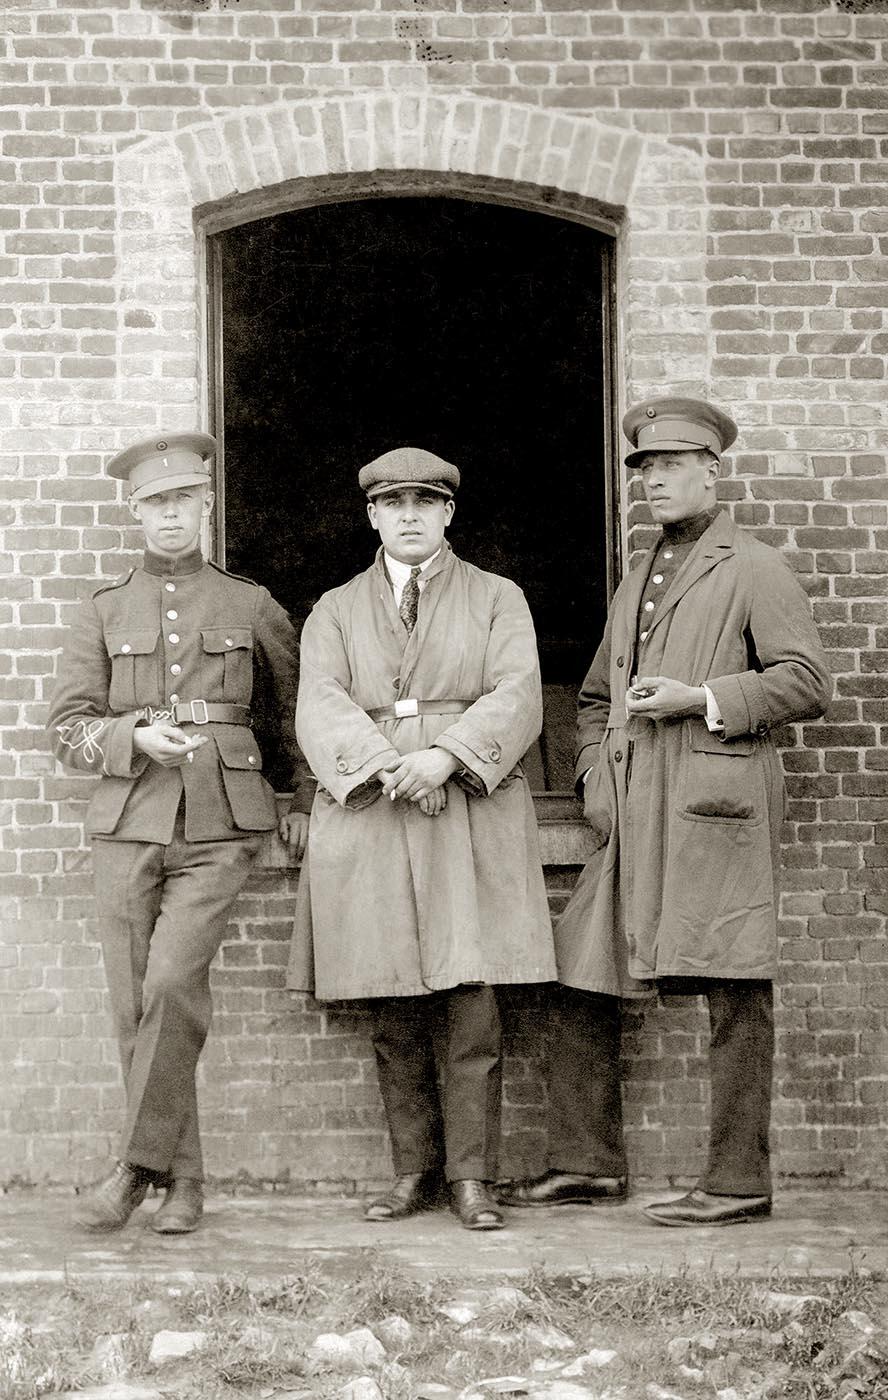 Hergé militaire en 1926